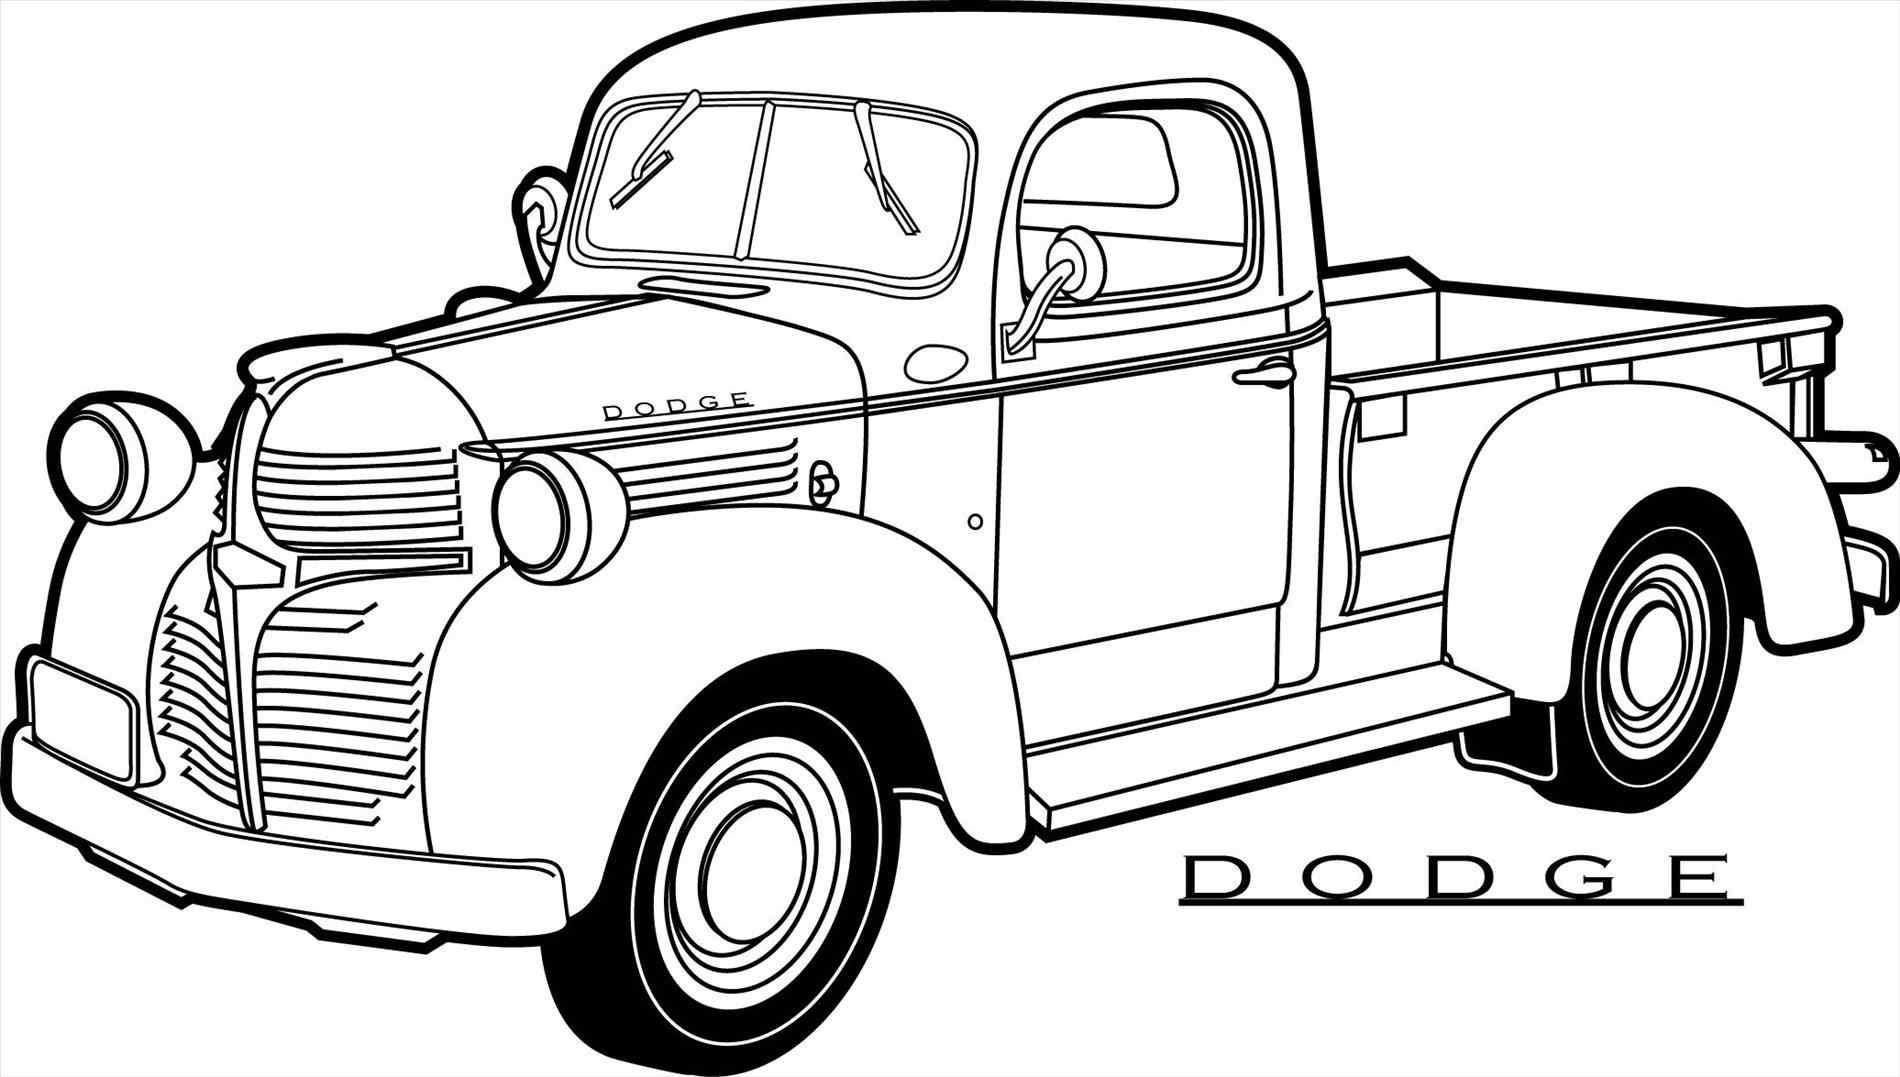 1900x1077 X Truck For Sale Rhnwmsrockscom Used Silver Dodge Ram Pickup